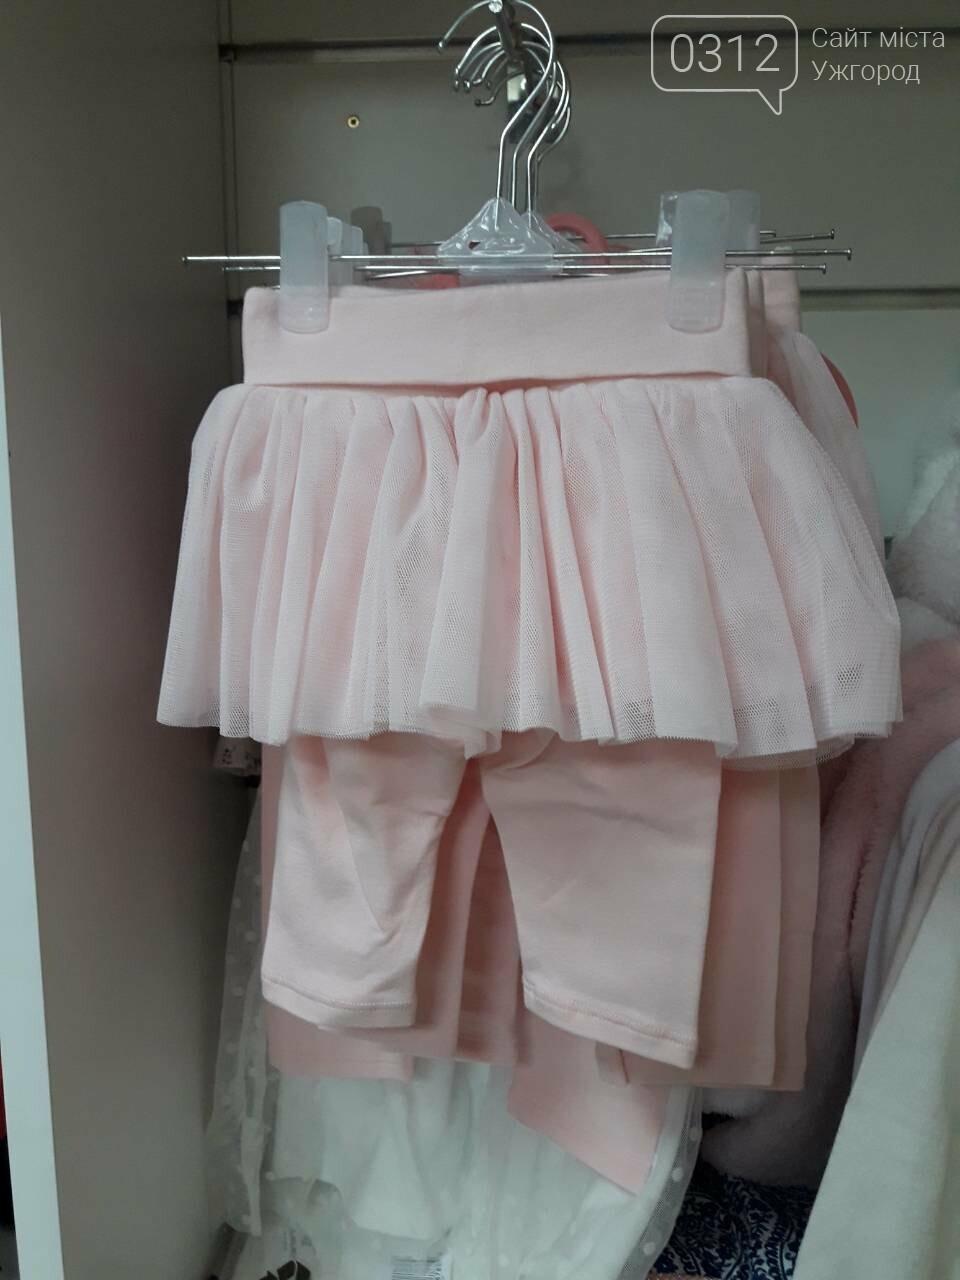 ЗНИЖКИ до -70%: 1-го грудня в Ужгороді відчиняється магазин дитячого одягу «WESTERN BRANDS» (ФОТО), фото-9